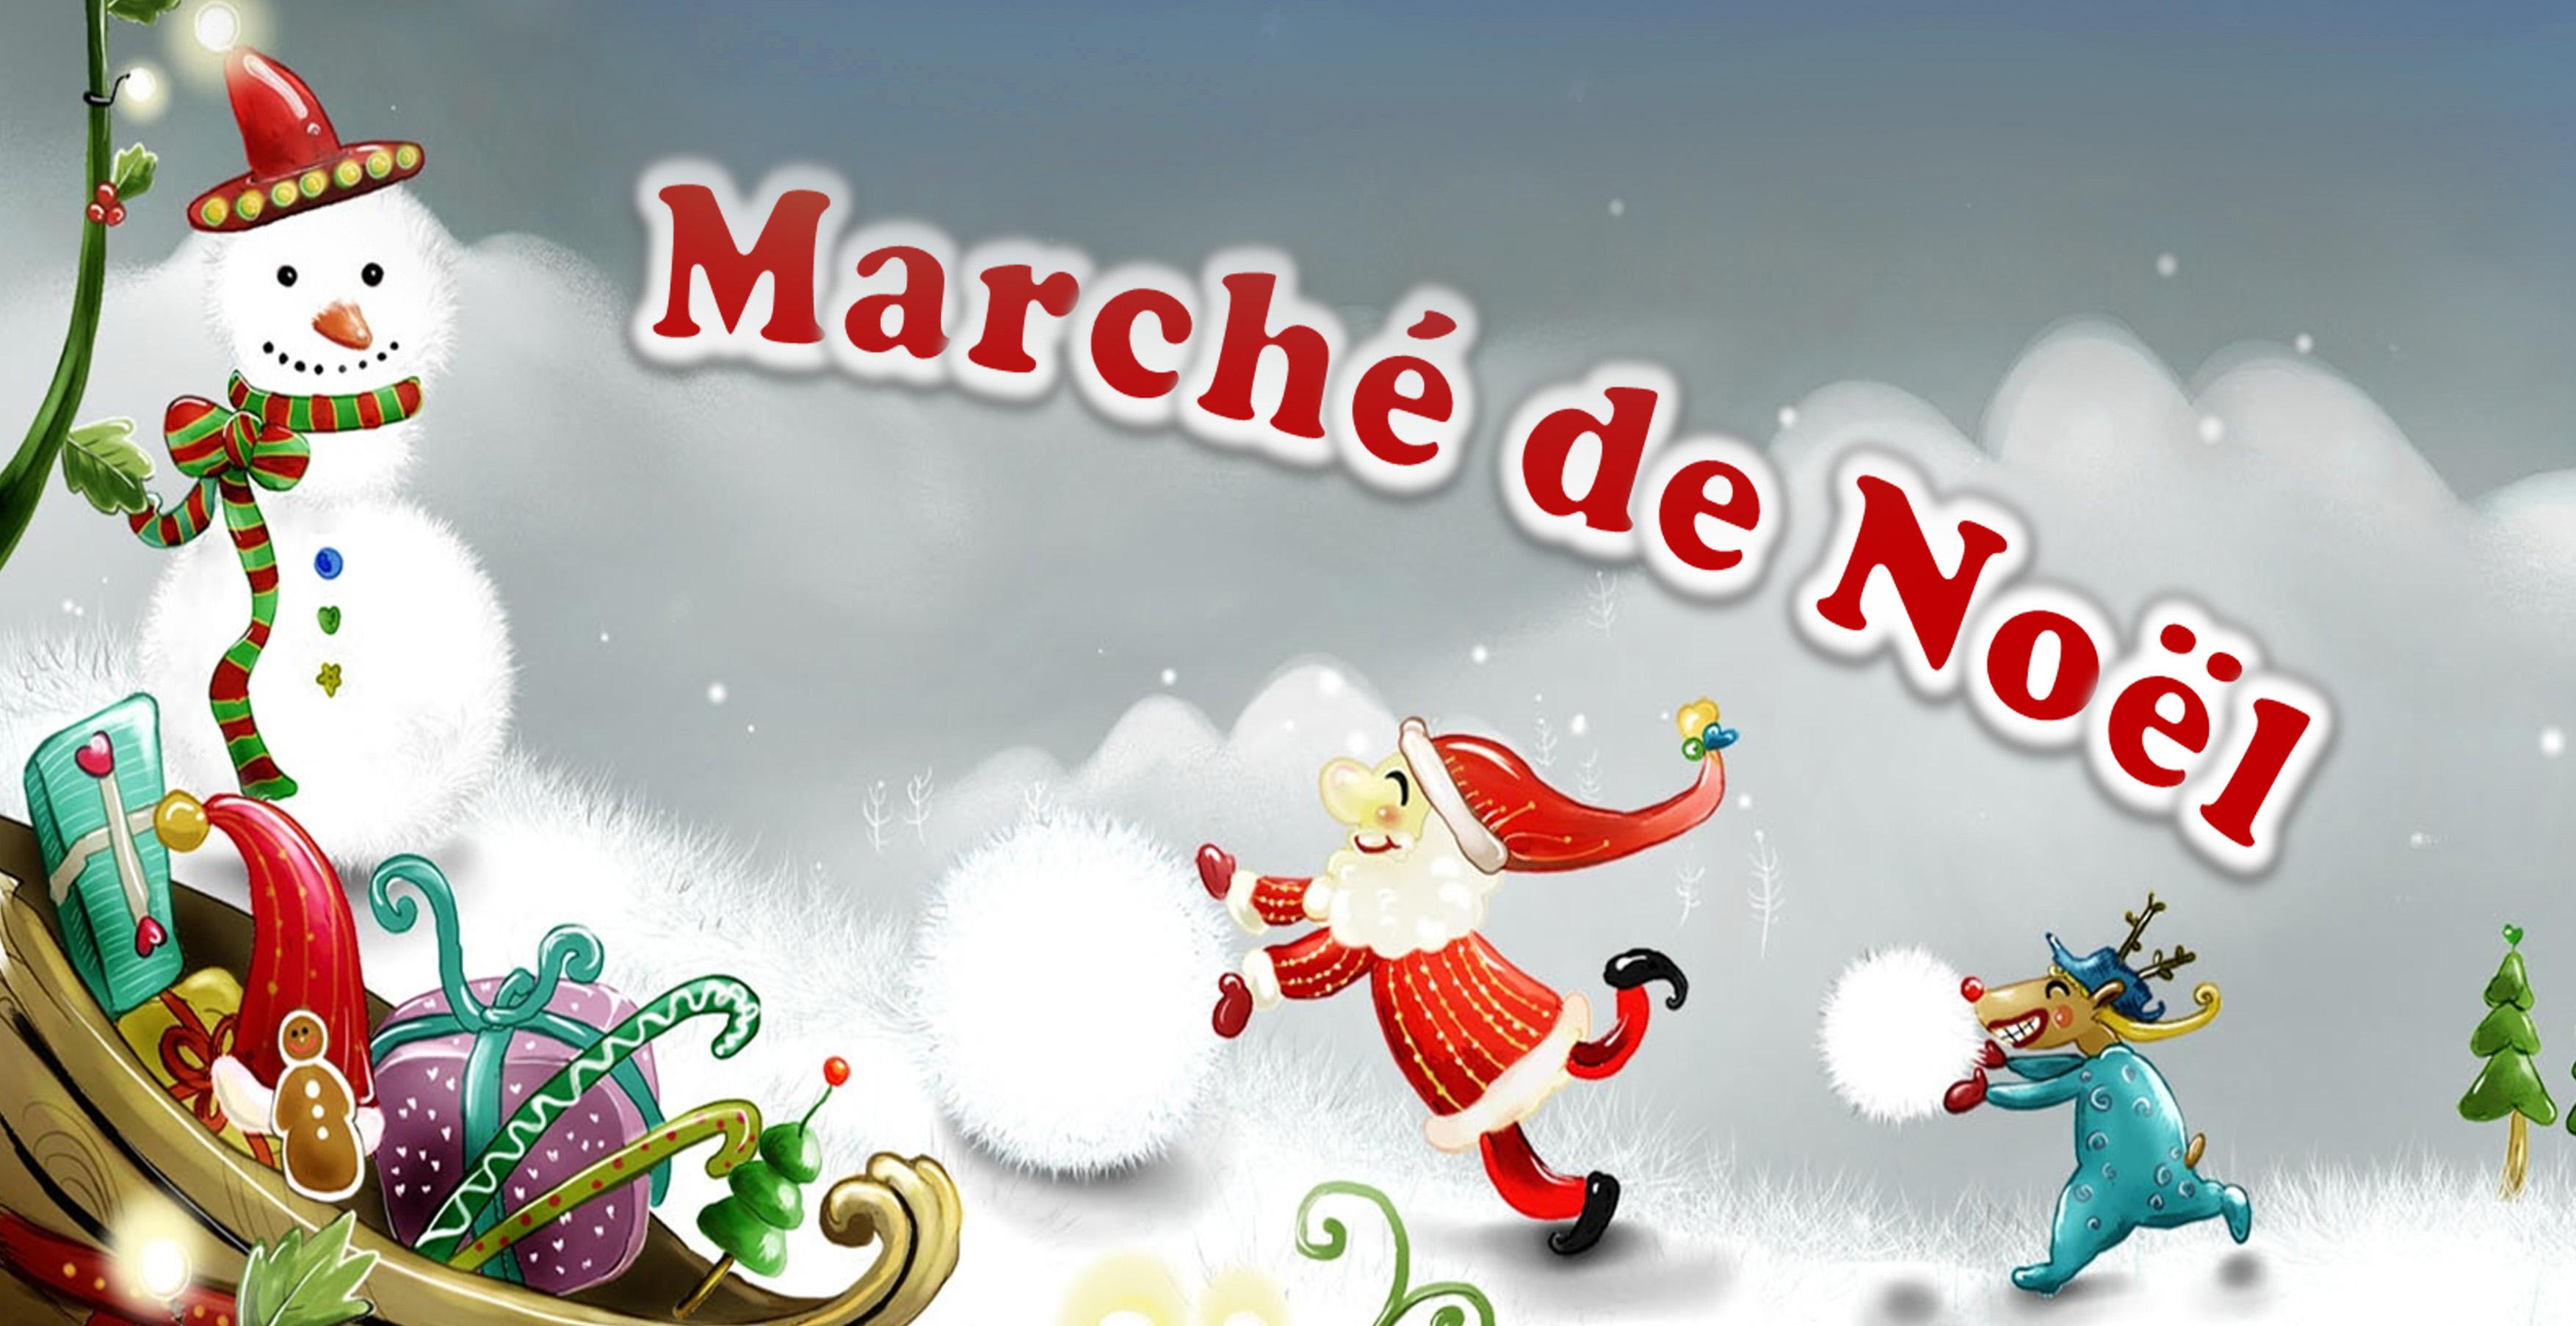 Marche de noel mairie de saint clair de la tour - Marche de noel thann ...